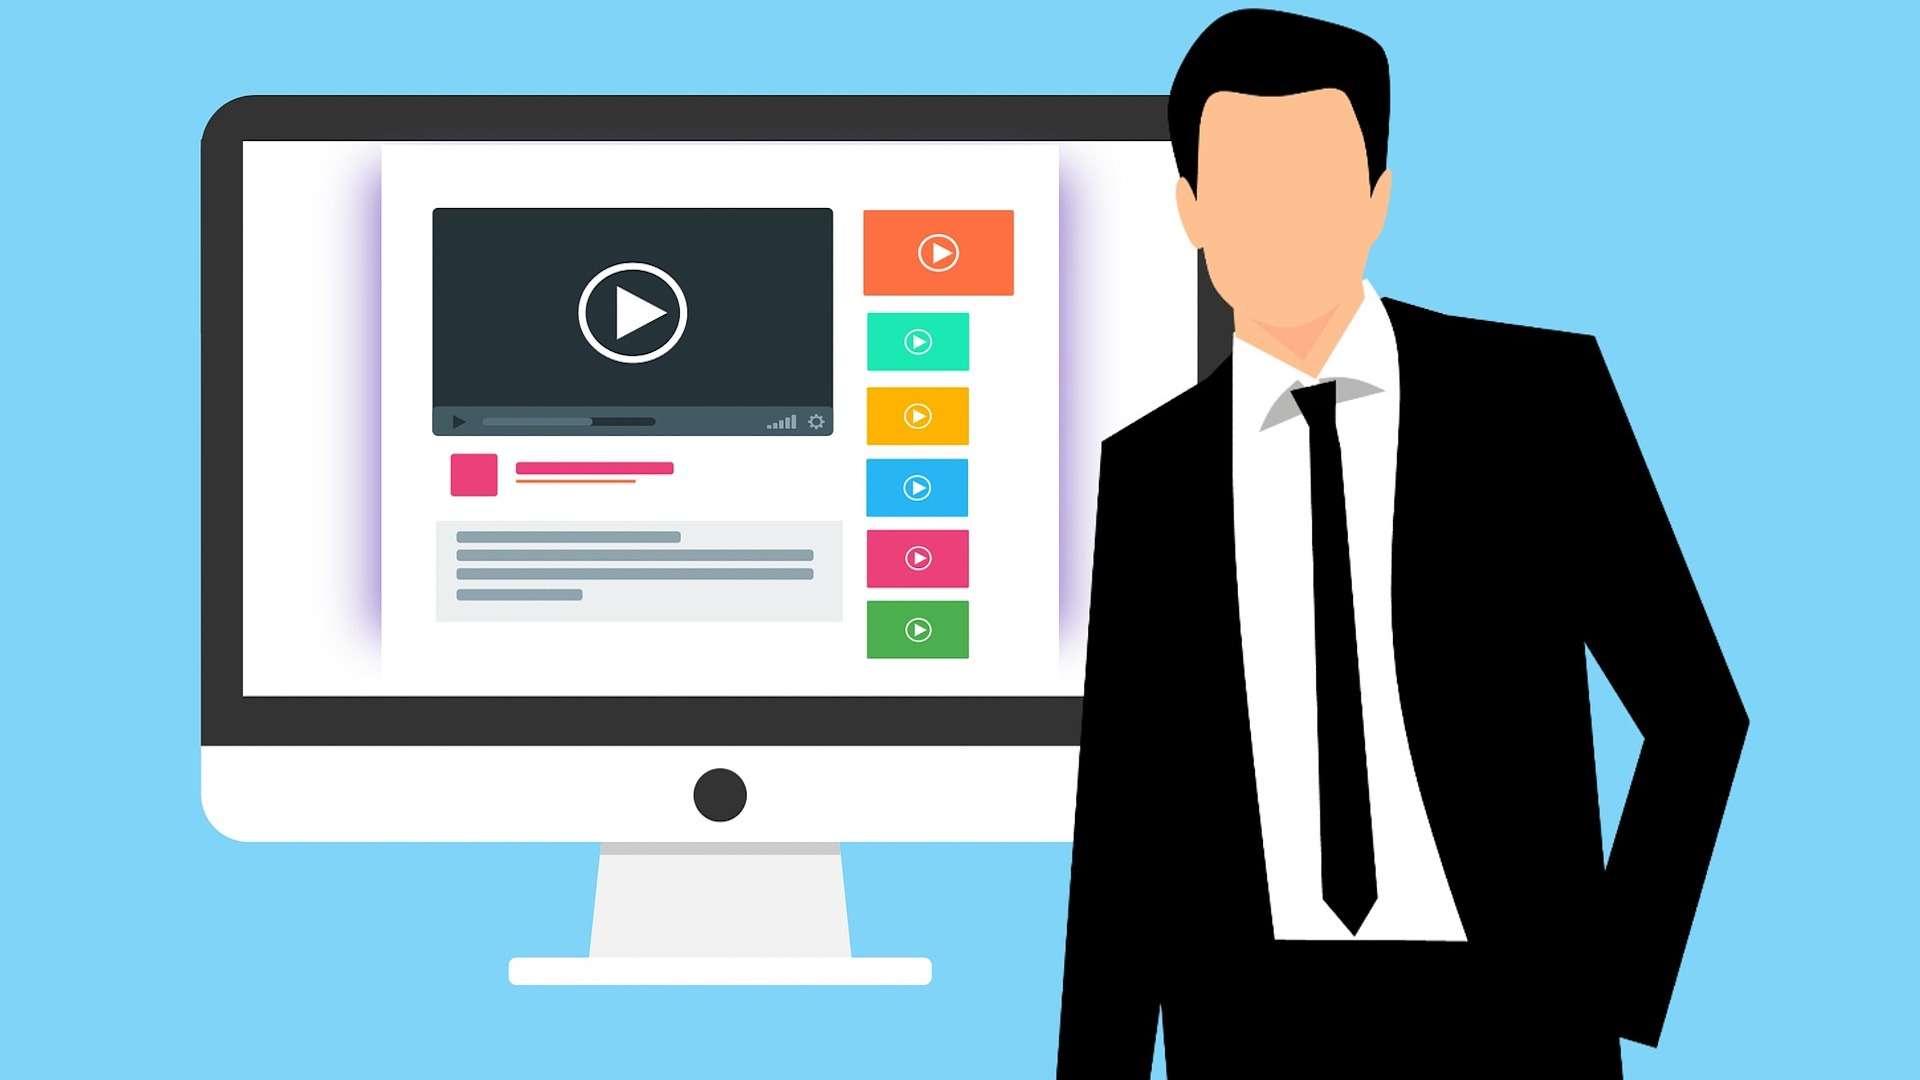 Ein animierter Desktop-Bildschirm hat verschiedene Videos geöffnet und ein animierter Mann ohne Gesicht steht davor